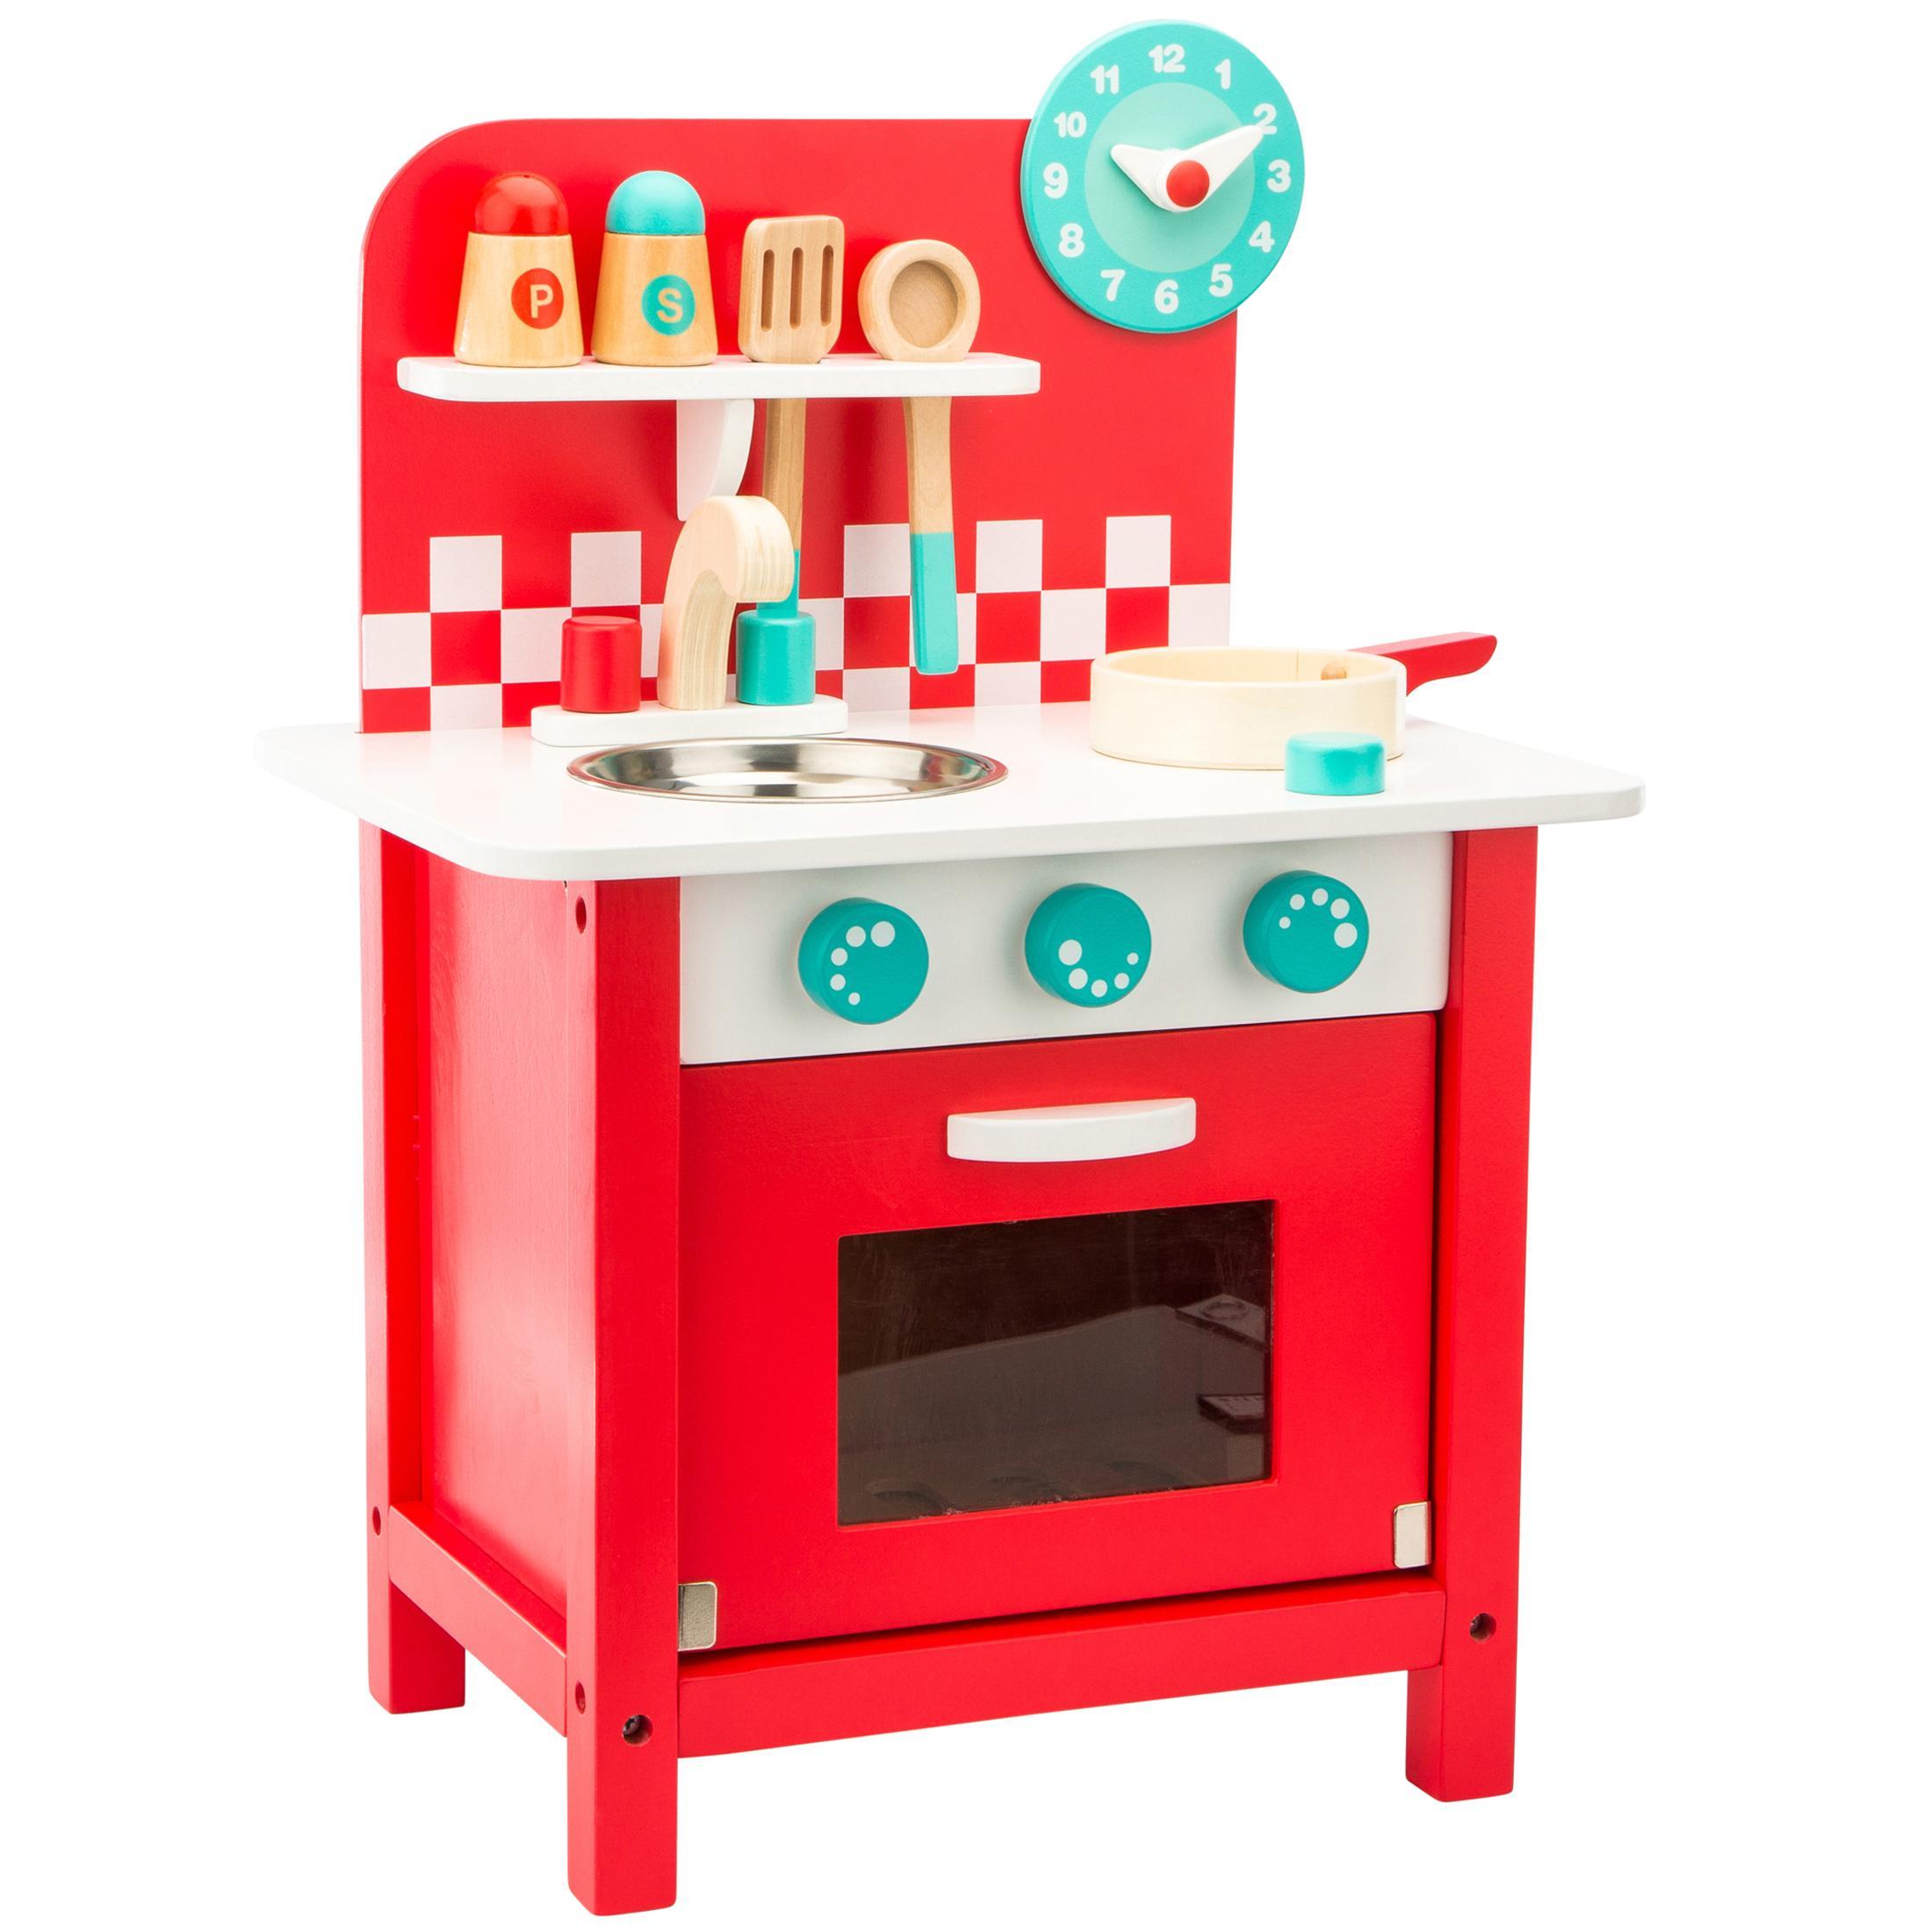 Ultrakidz cocinita de juguete charly 331900000082 for Cocina de juguete